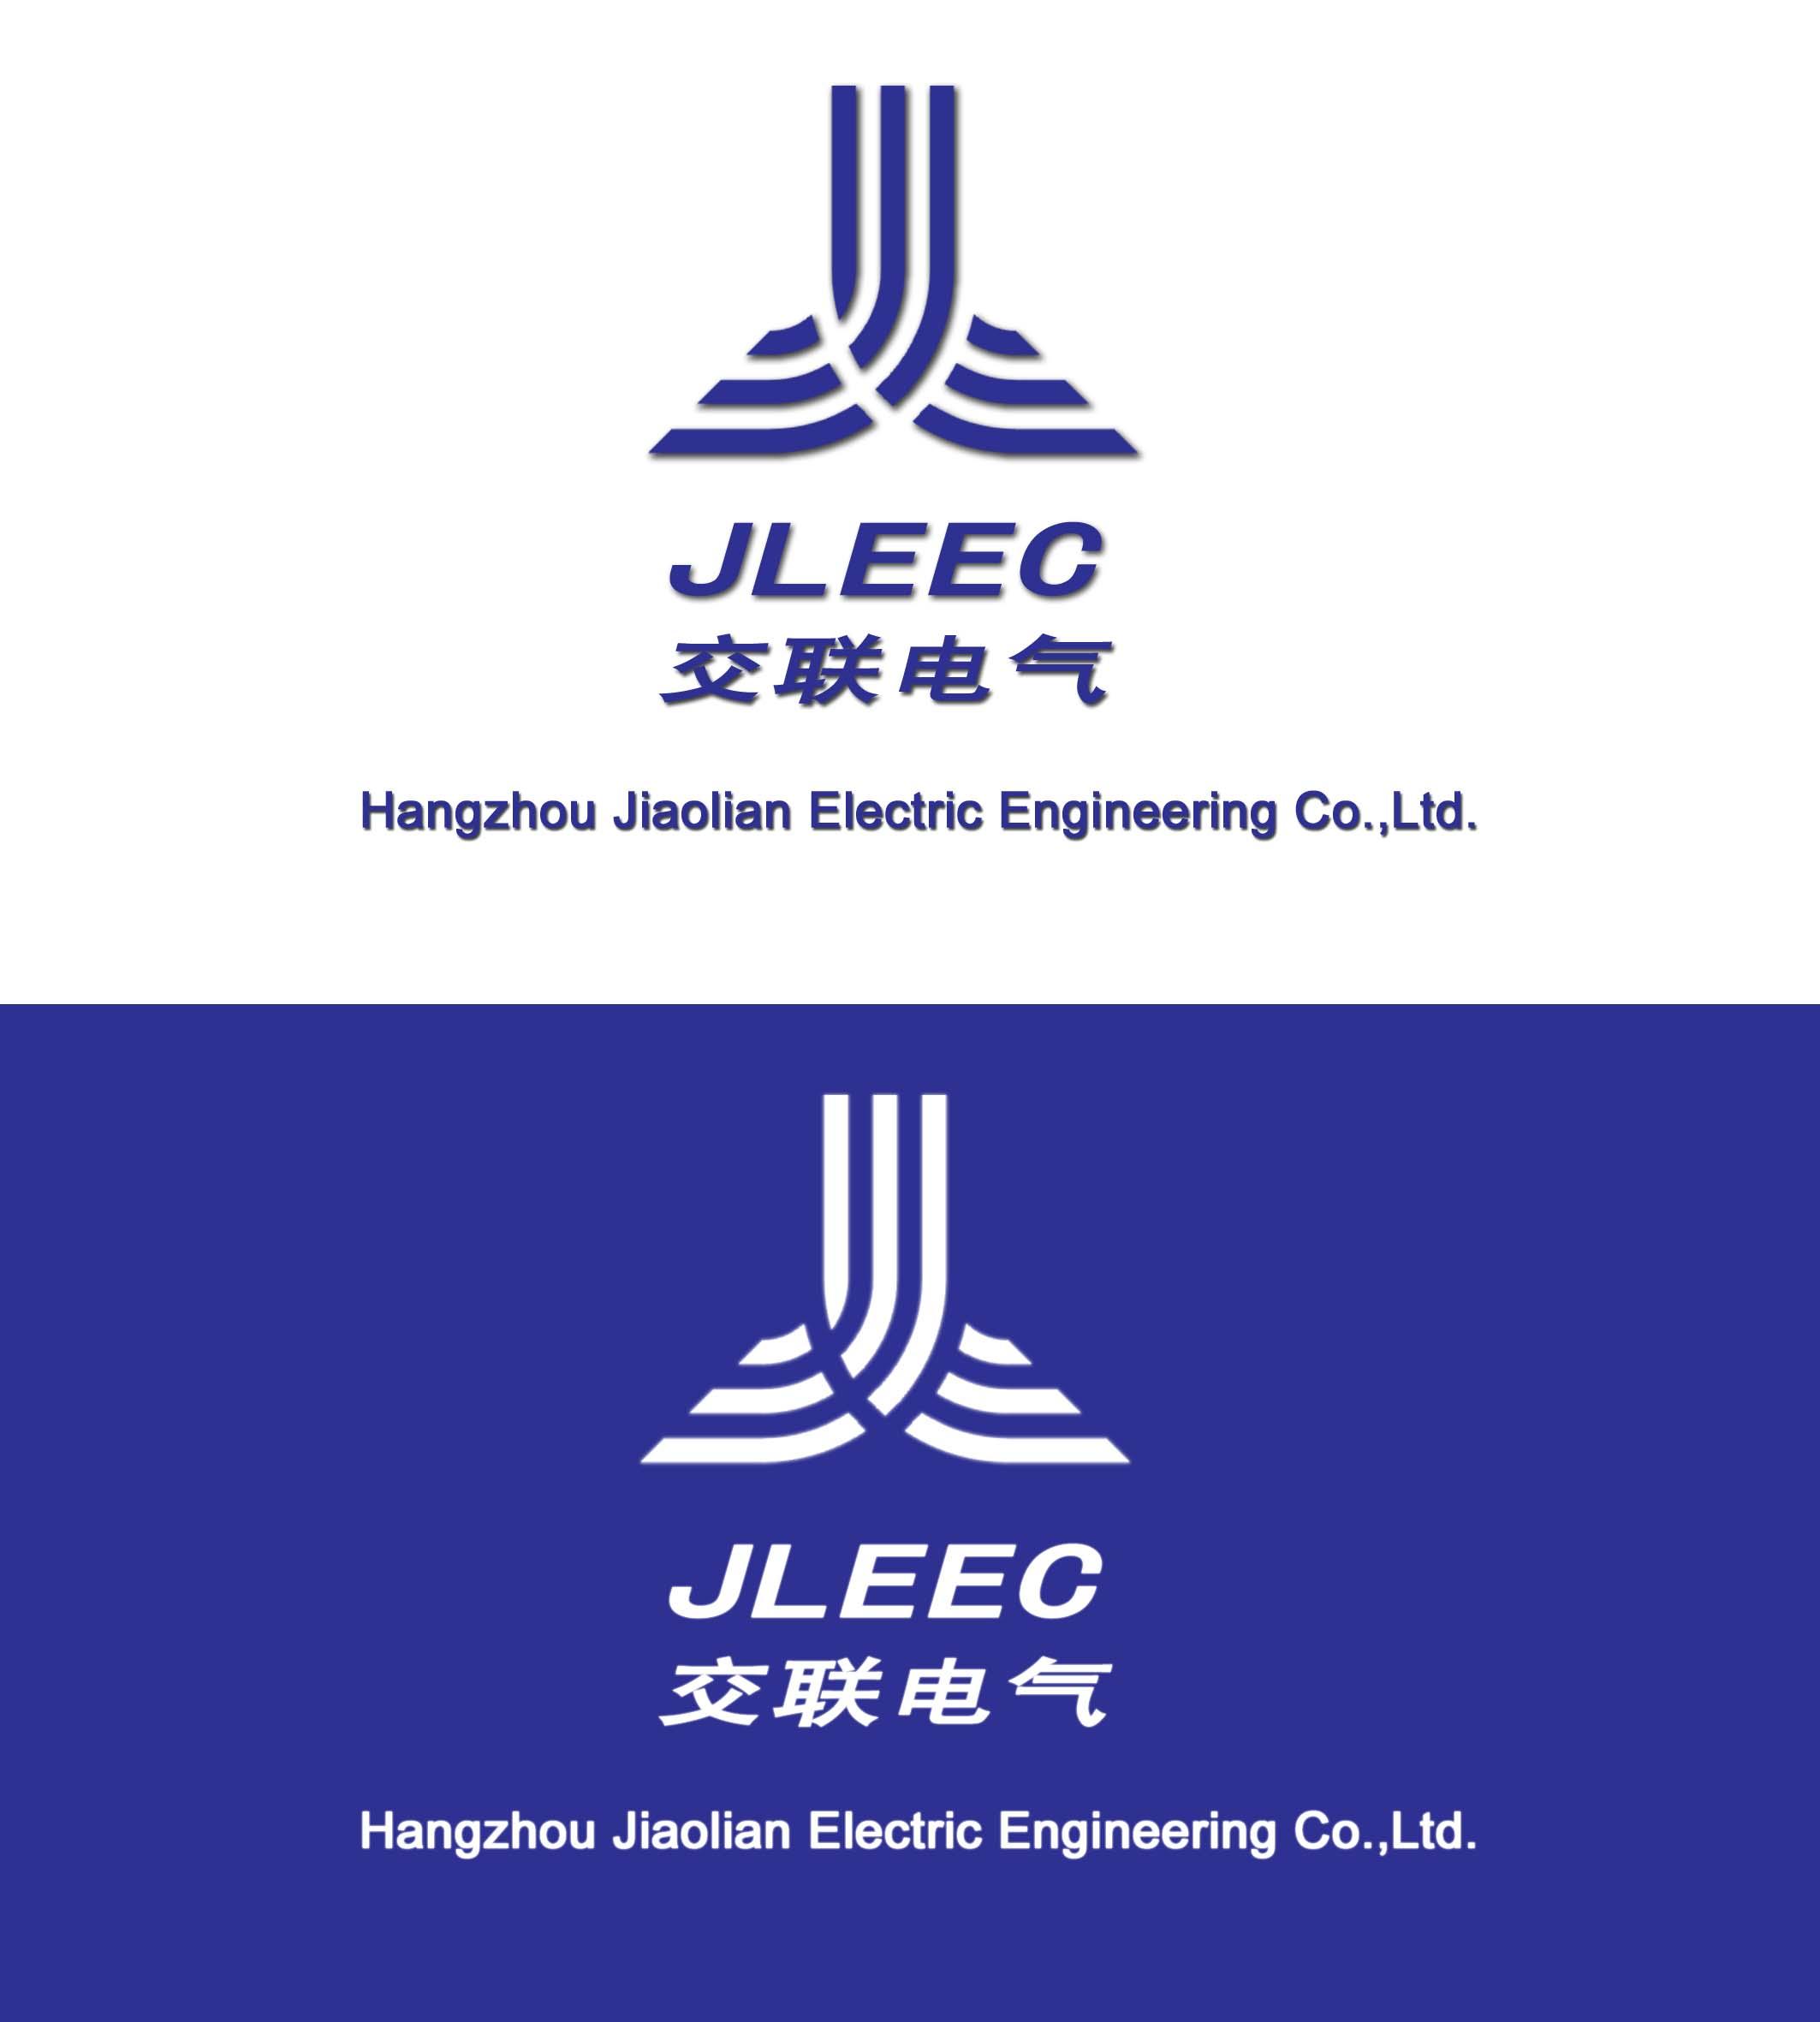 电气公司logo+名片_2000元